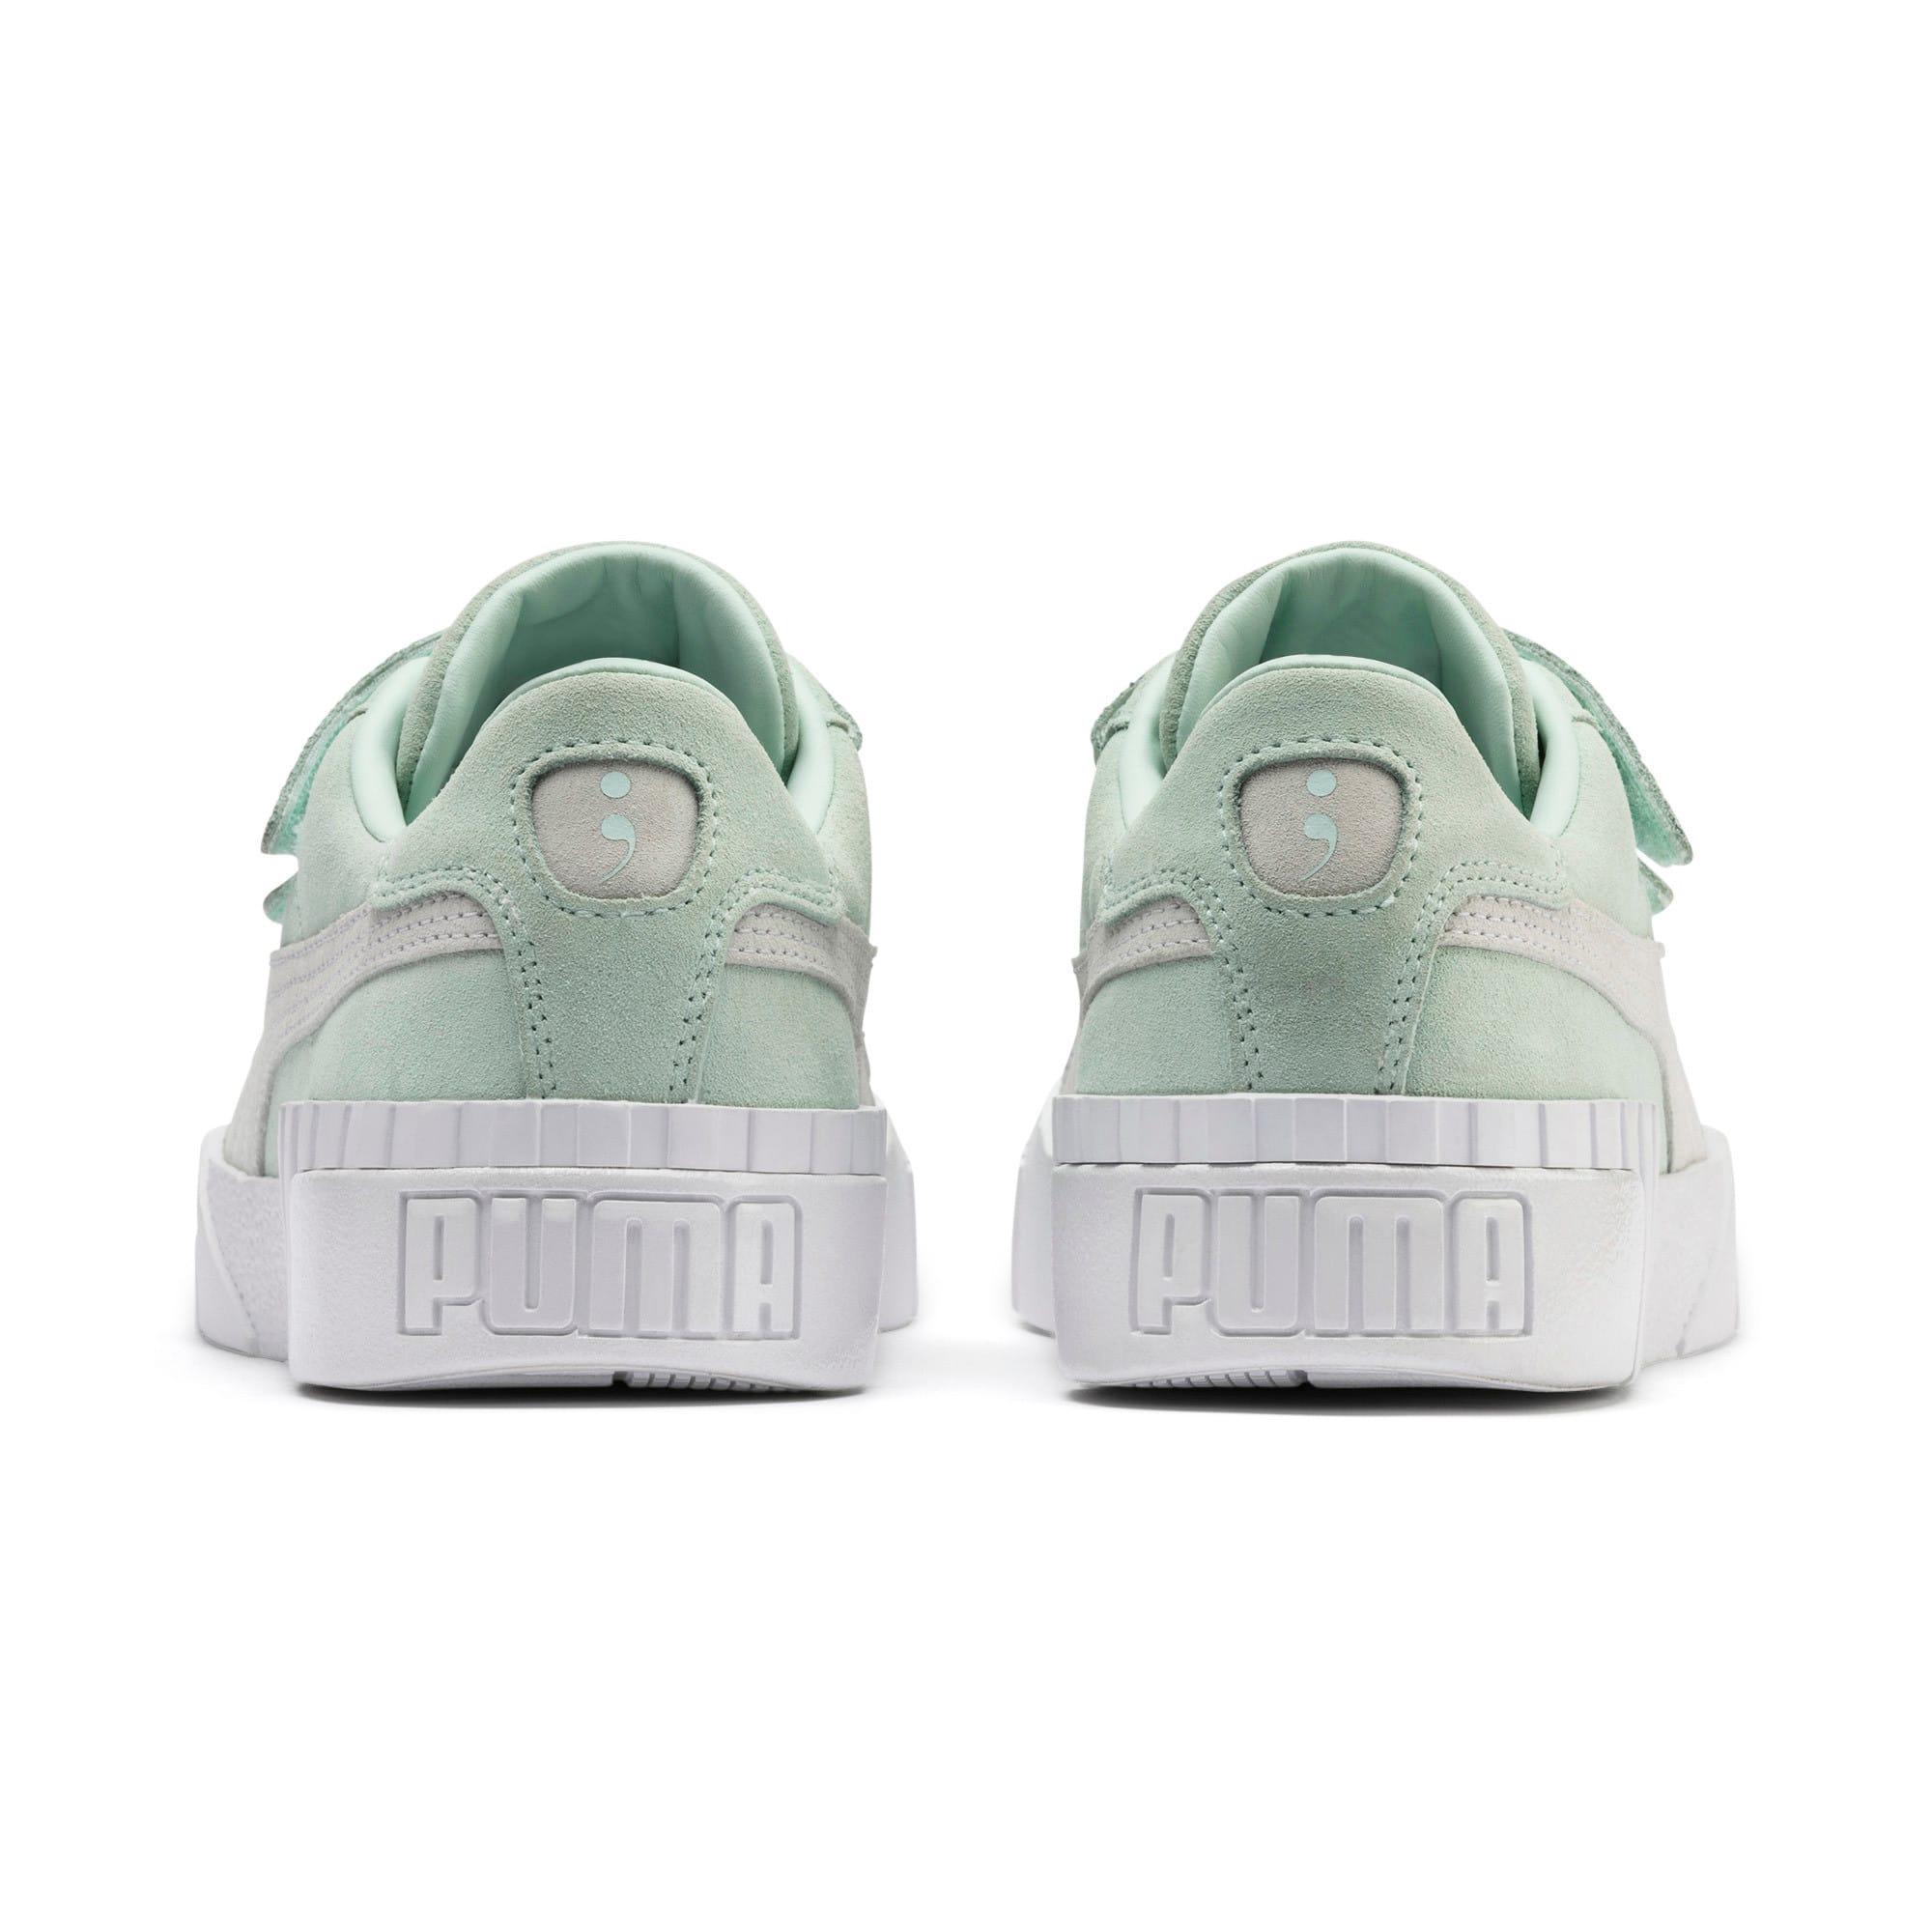 Thumbnail 4 of SG x Cali Suede Women's Sneakers, Fair Aqua-Puma White, medium